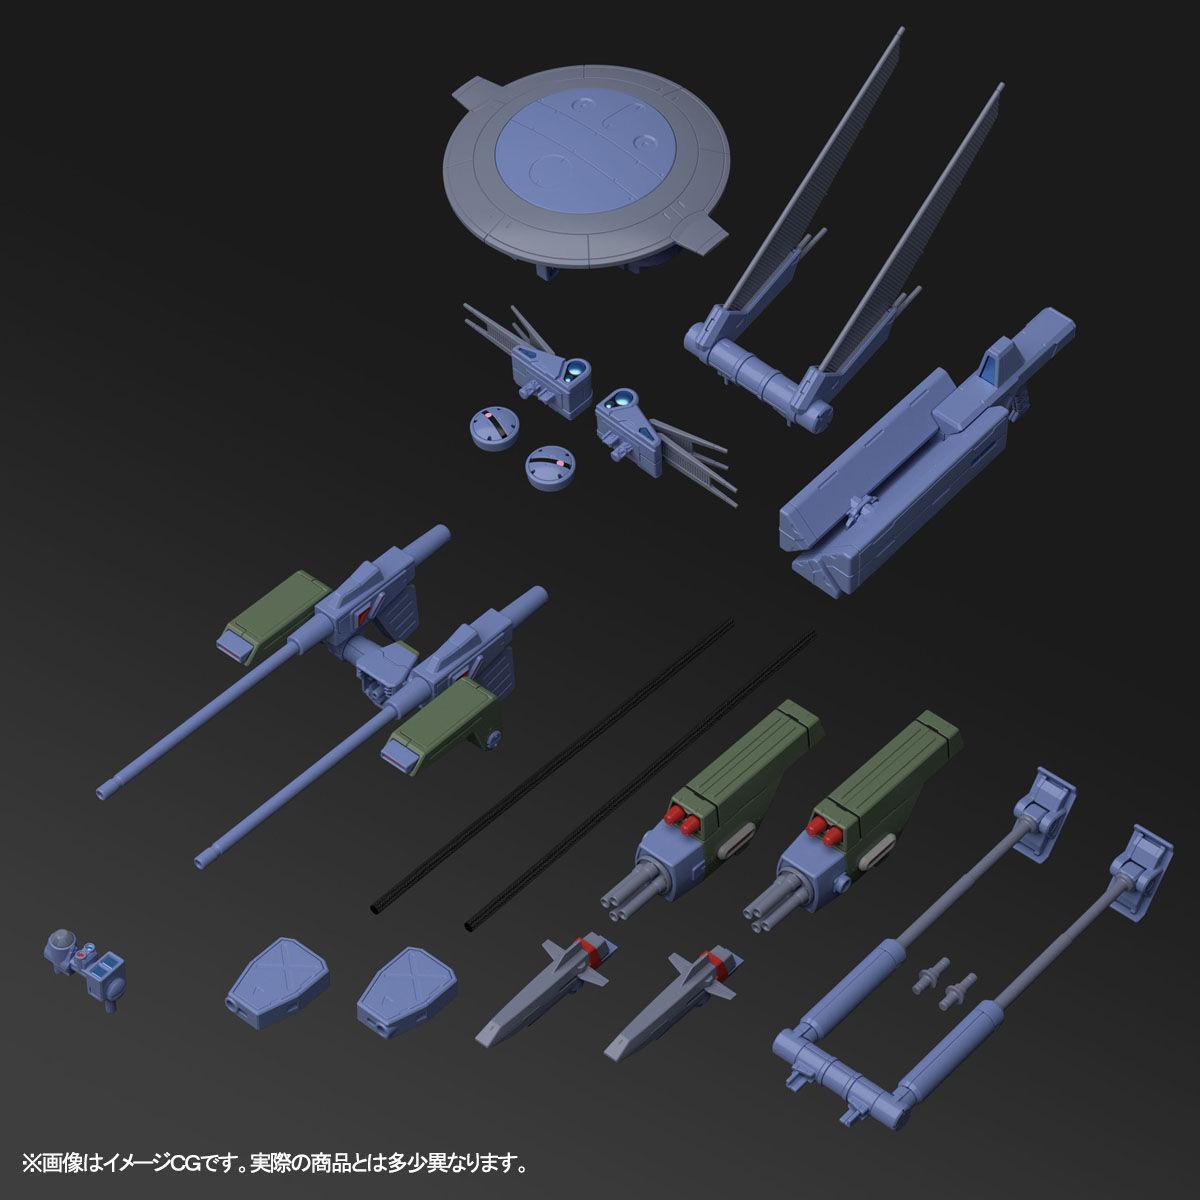 MG 1/100『ガンダムF90用 ミッションパック Eタイプ&Sタイプ』プラモデル-002